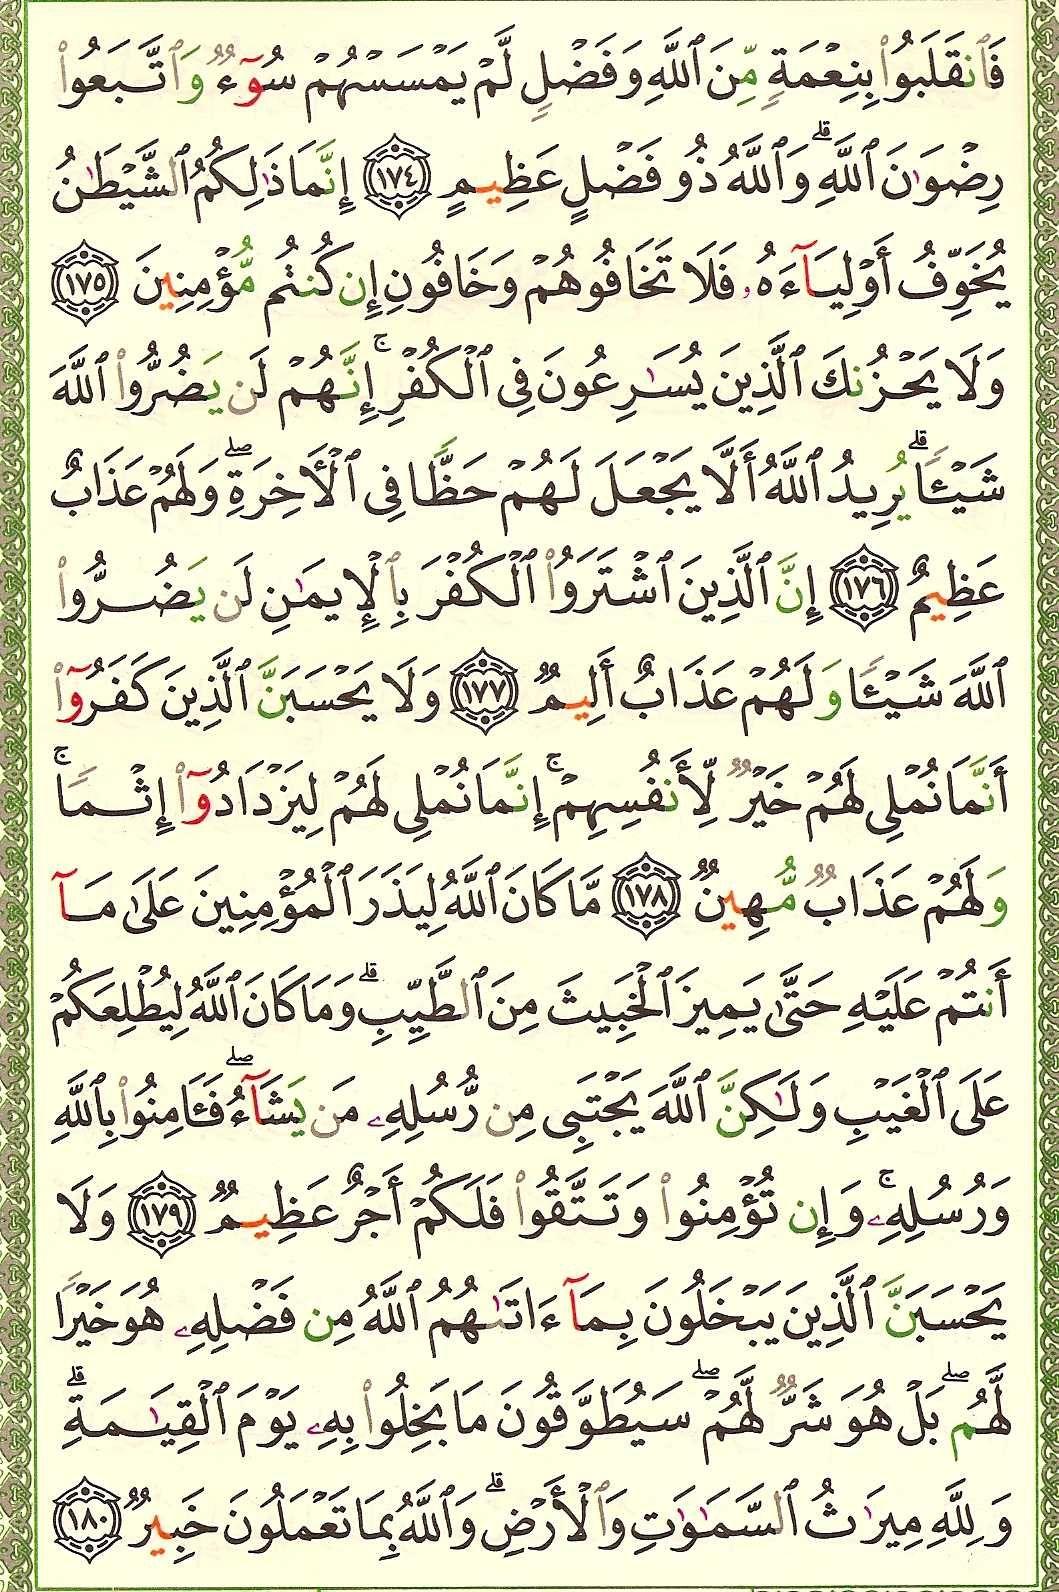 3. سورة آل عمران - Al-Imran مصورة من المصحف الشريف 073